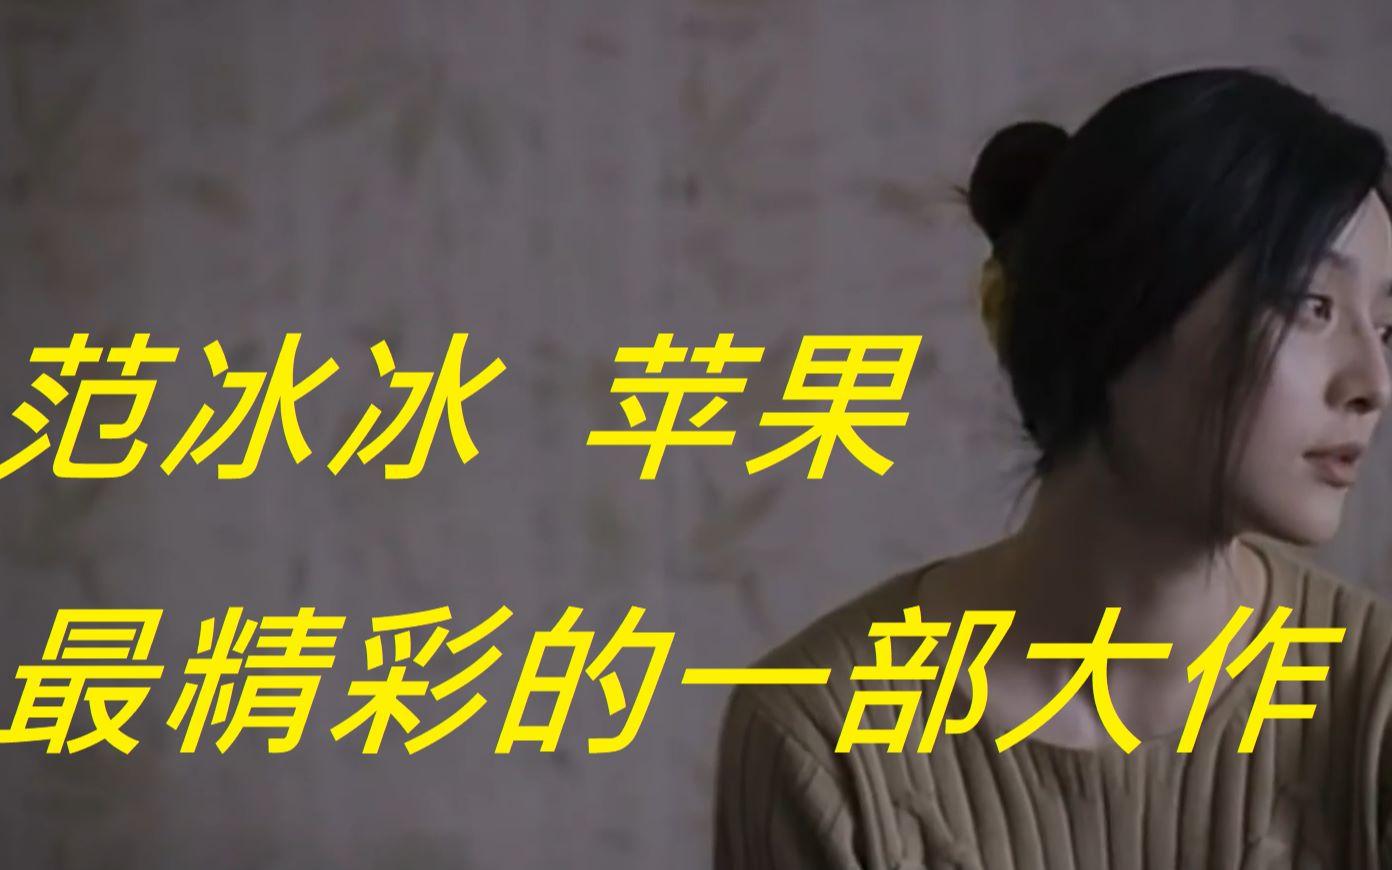 范爺演出以來最知名的電影。范冰冰為蘋果劇情熱情演出。迷失北京最知名_嗶哩嗶哩 (゜-゜)つロ 干杯~-bilibili